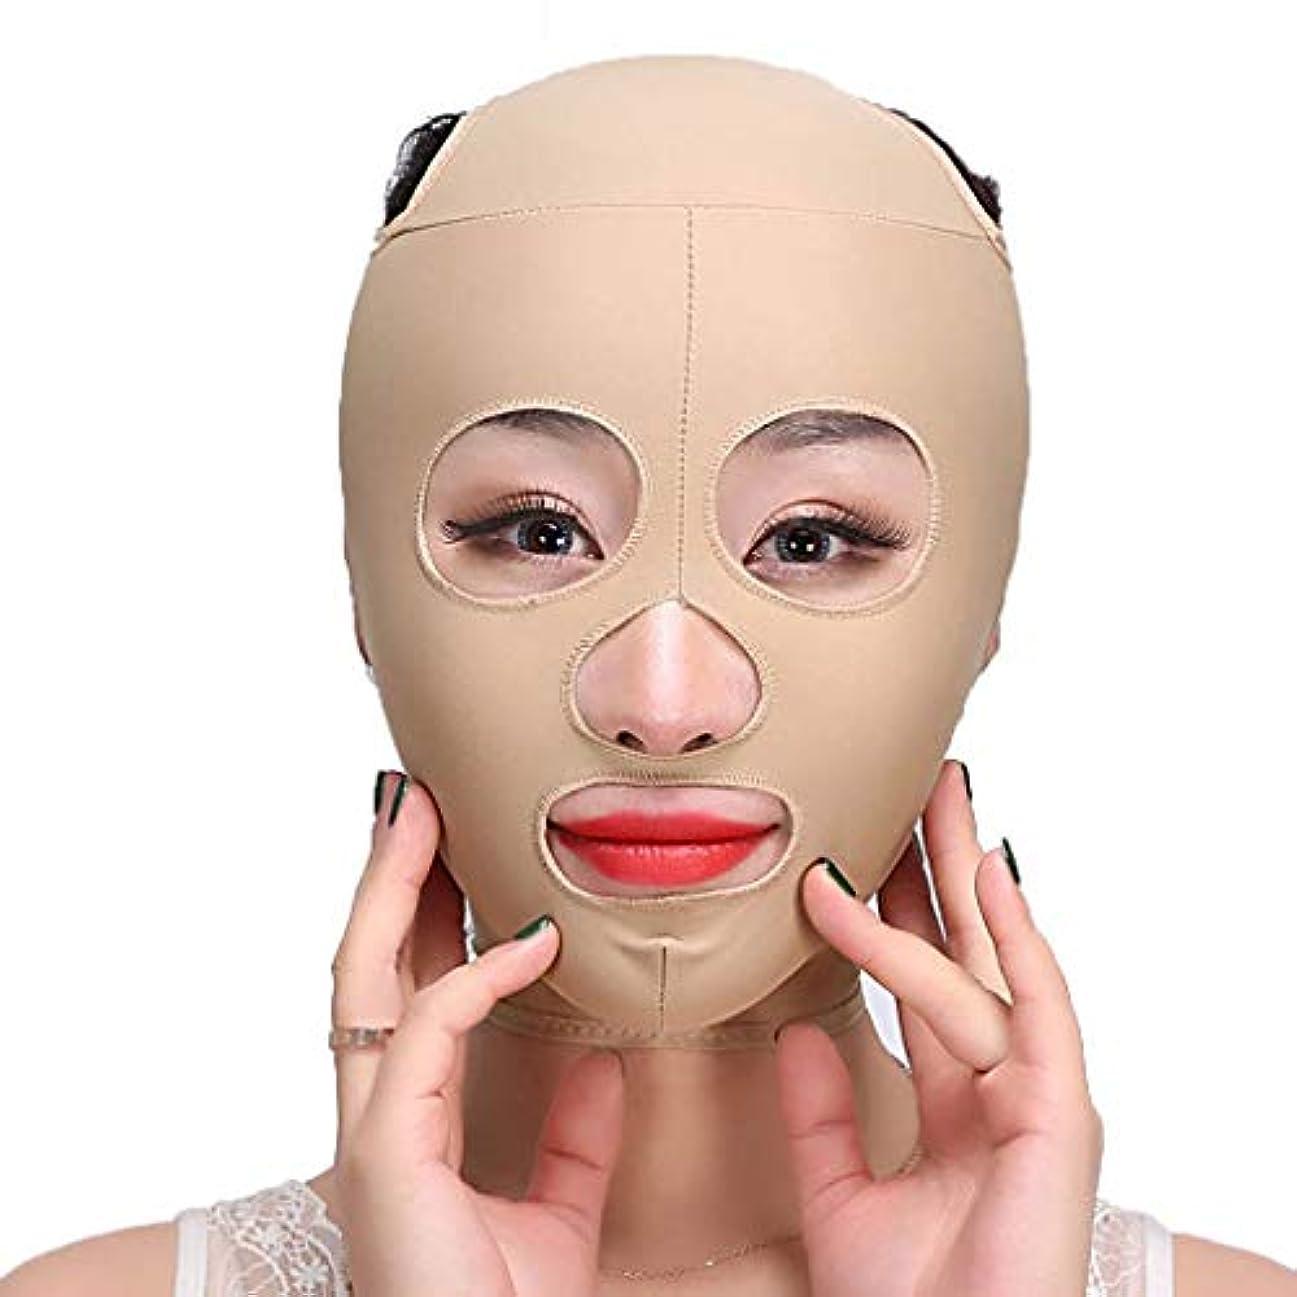 咲く絶妙オピエートLJK 痩身ベルト、フェイスマスク薄いフェイス楽器リフティング引き締めVフェイス男性と女性フェイスリフティングステッカーダブルチンフェイスリフティングフェイスマスク包帯フェイシャルマッサージ (Size : L)